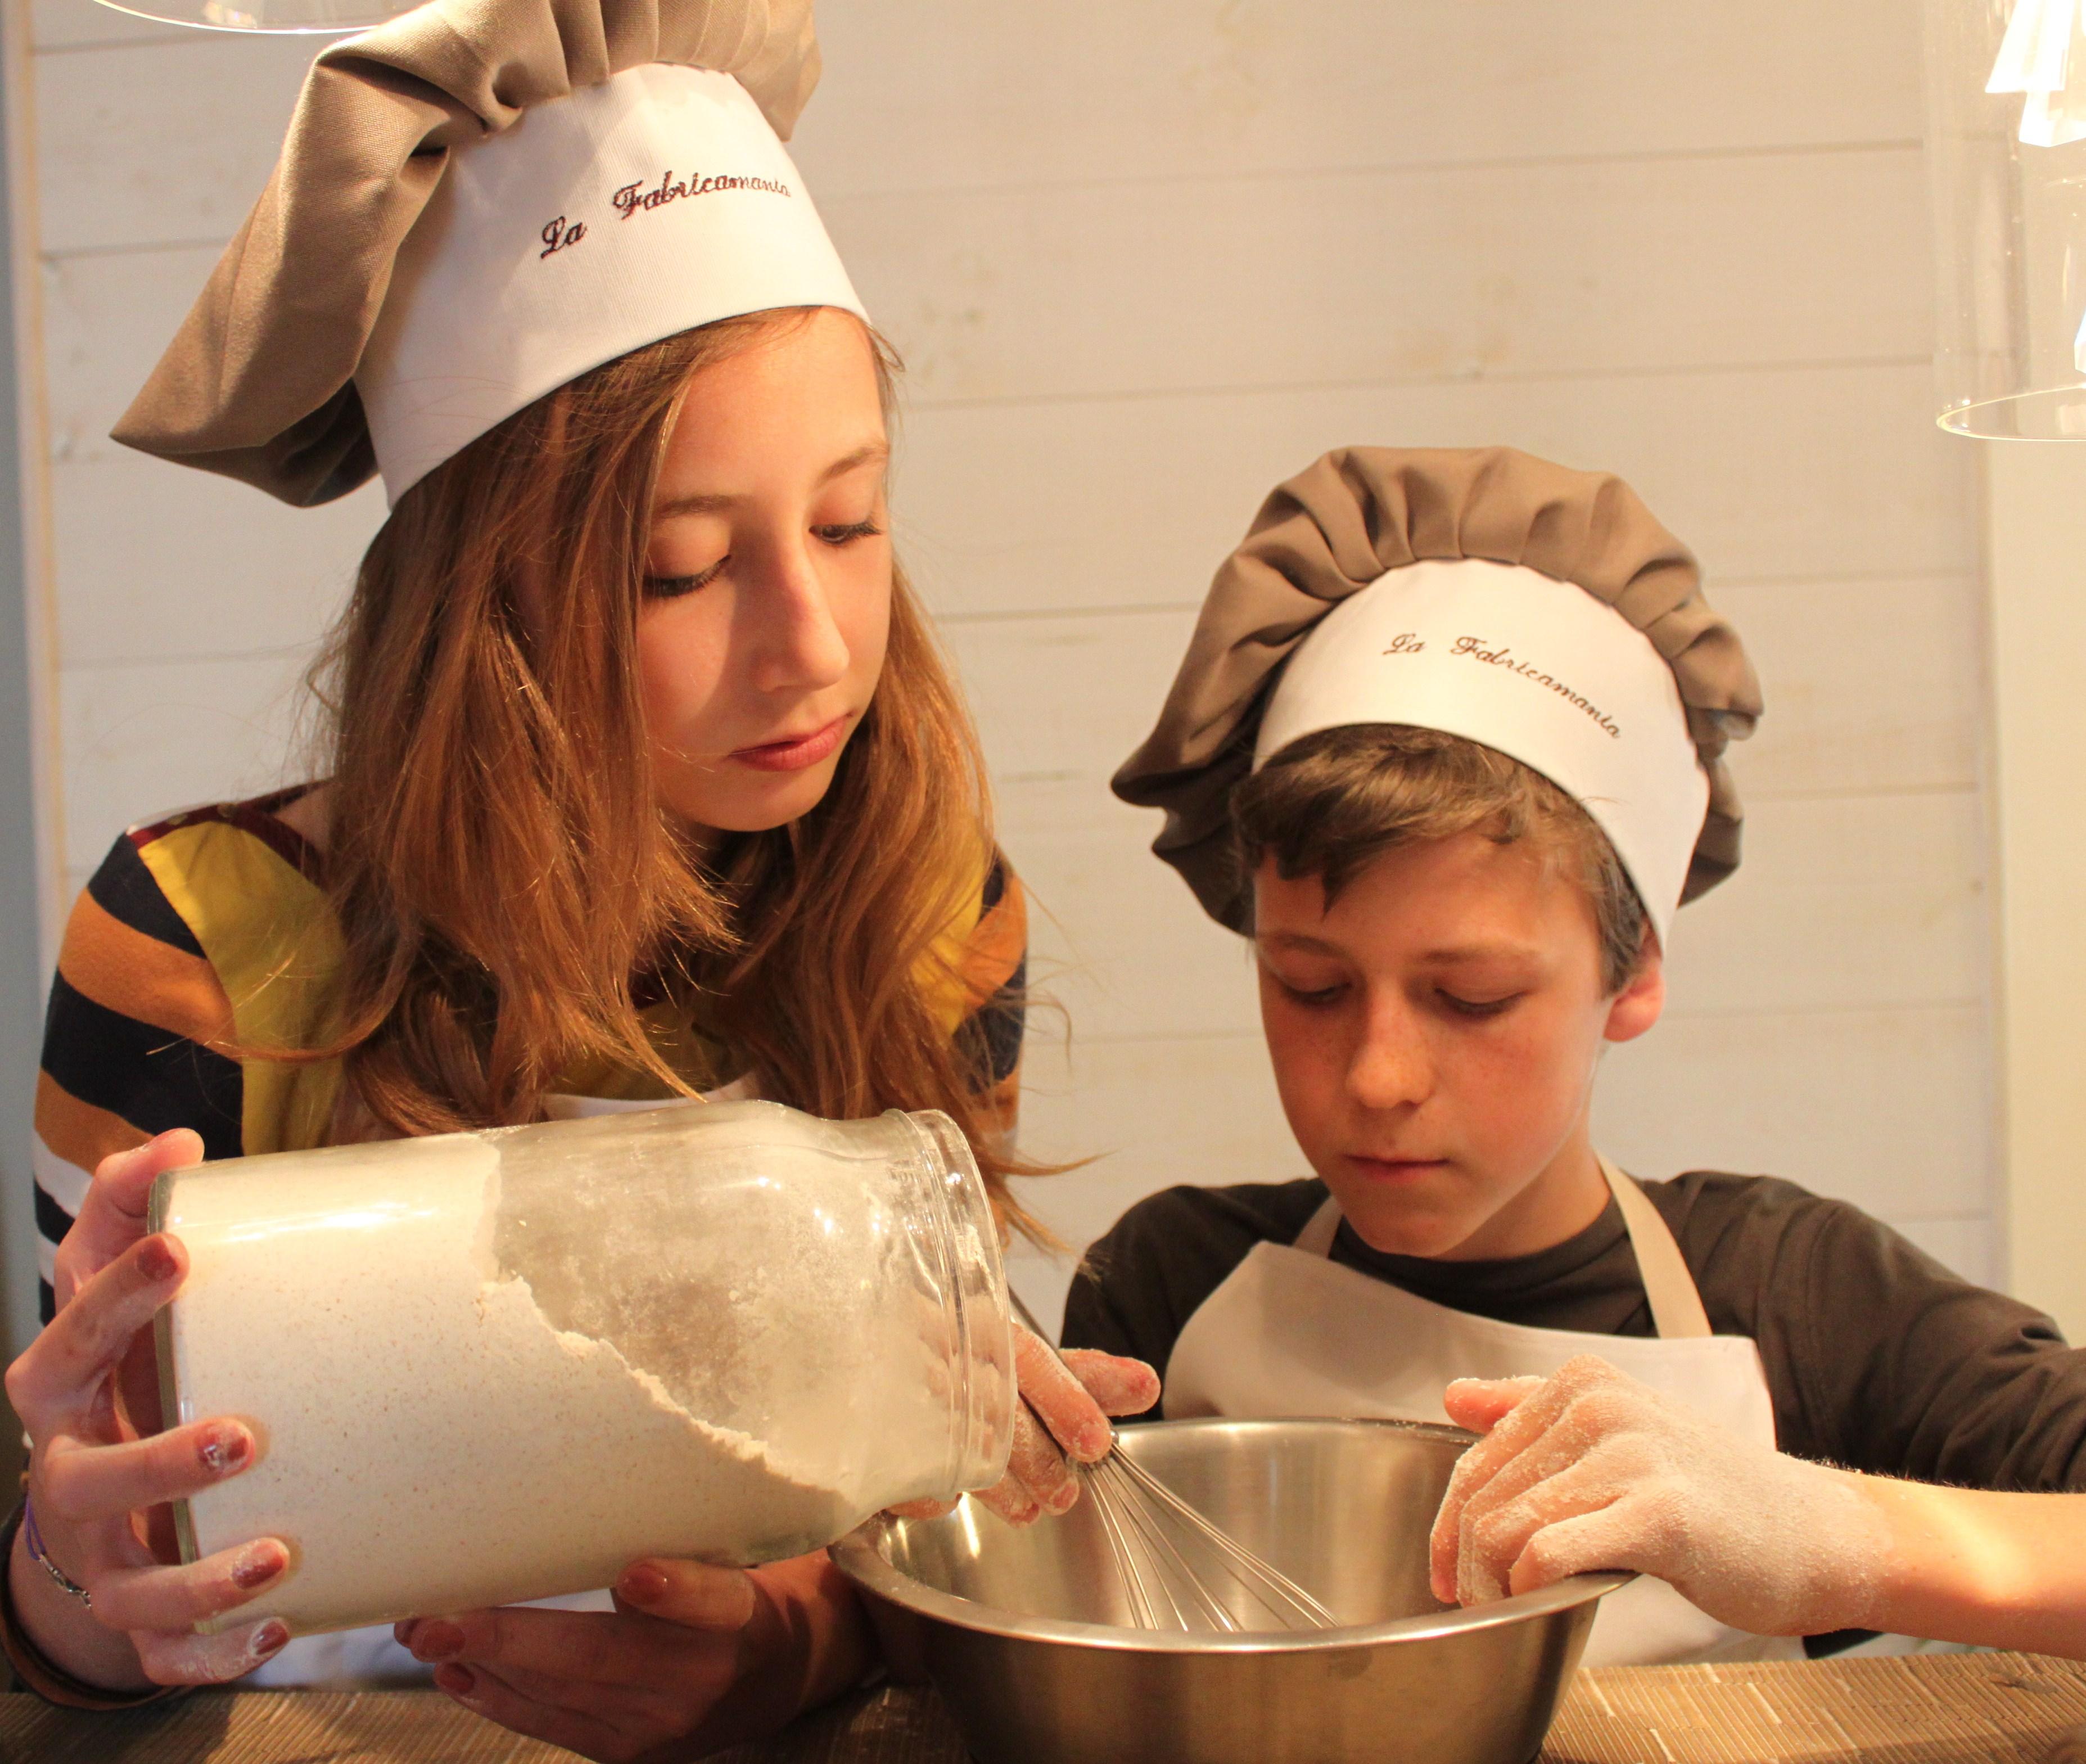 Cours de cuisine en gironde ce soir les enfants - Cours de cuisine enfant ...